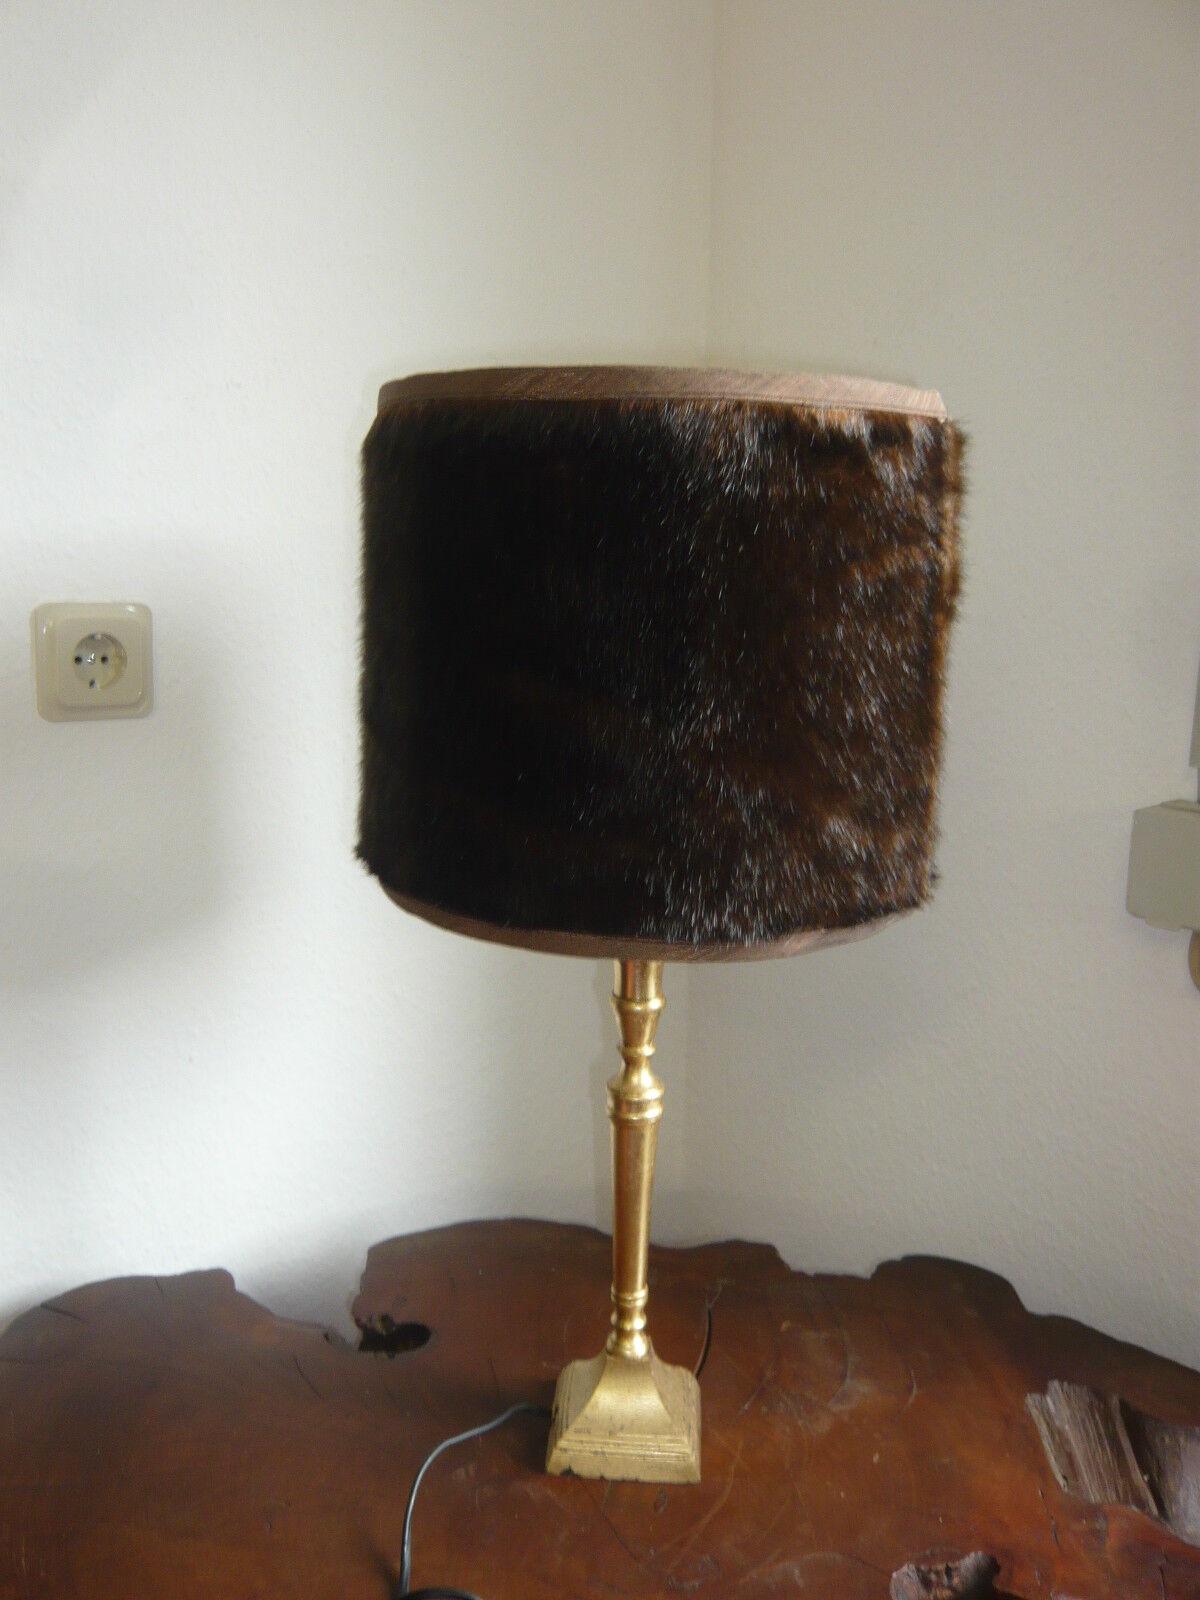 Sehr edle Tischlampe mit echtem Nerz - Nachttischlampe Tischleuchte